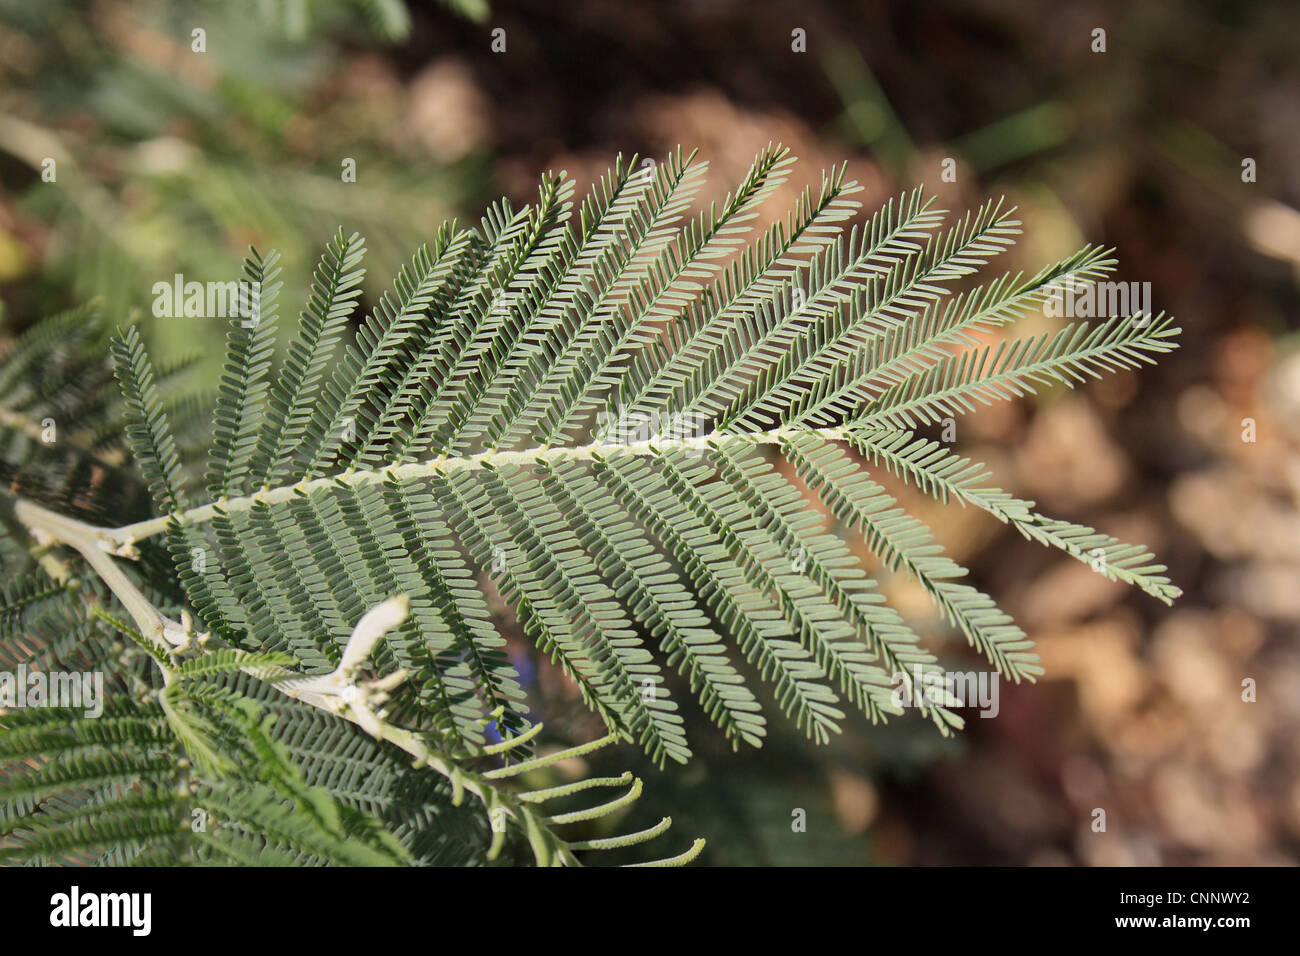 fioritura albero acacia dealbata SILVER Canniccio Giallo Mimosa fogliame Argenteo